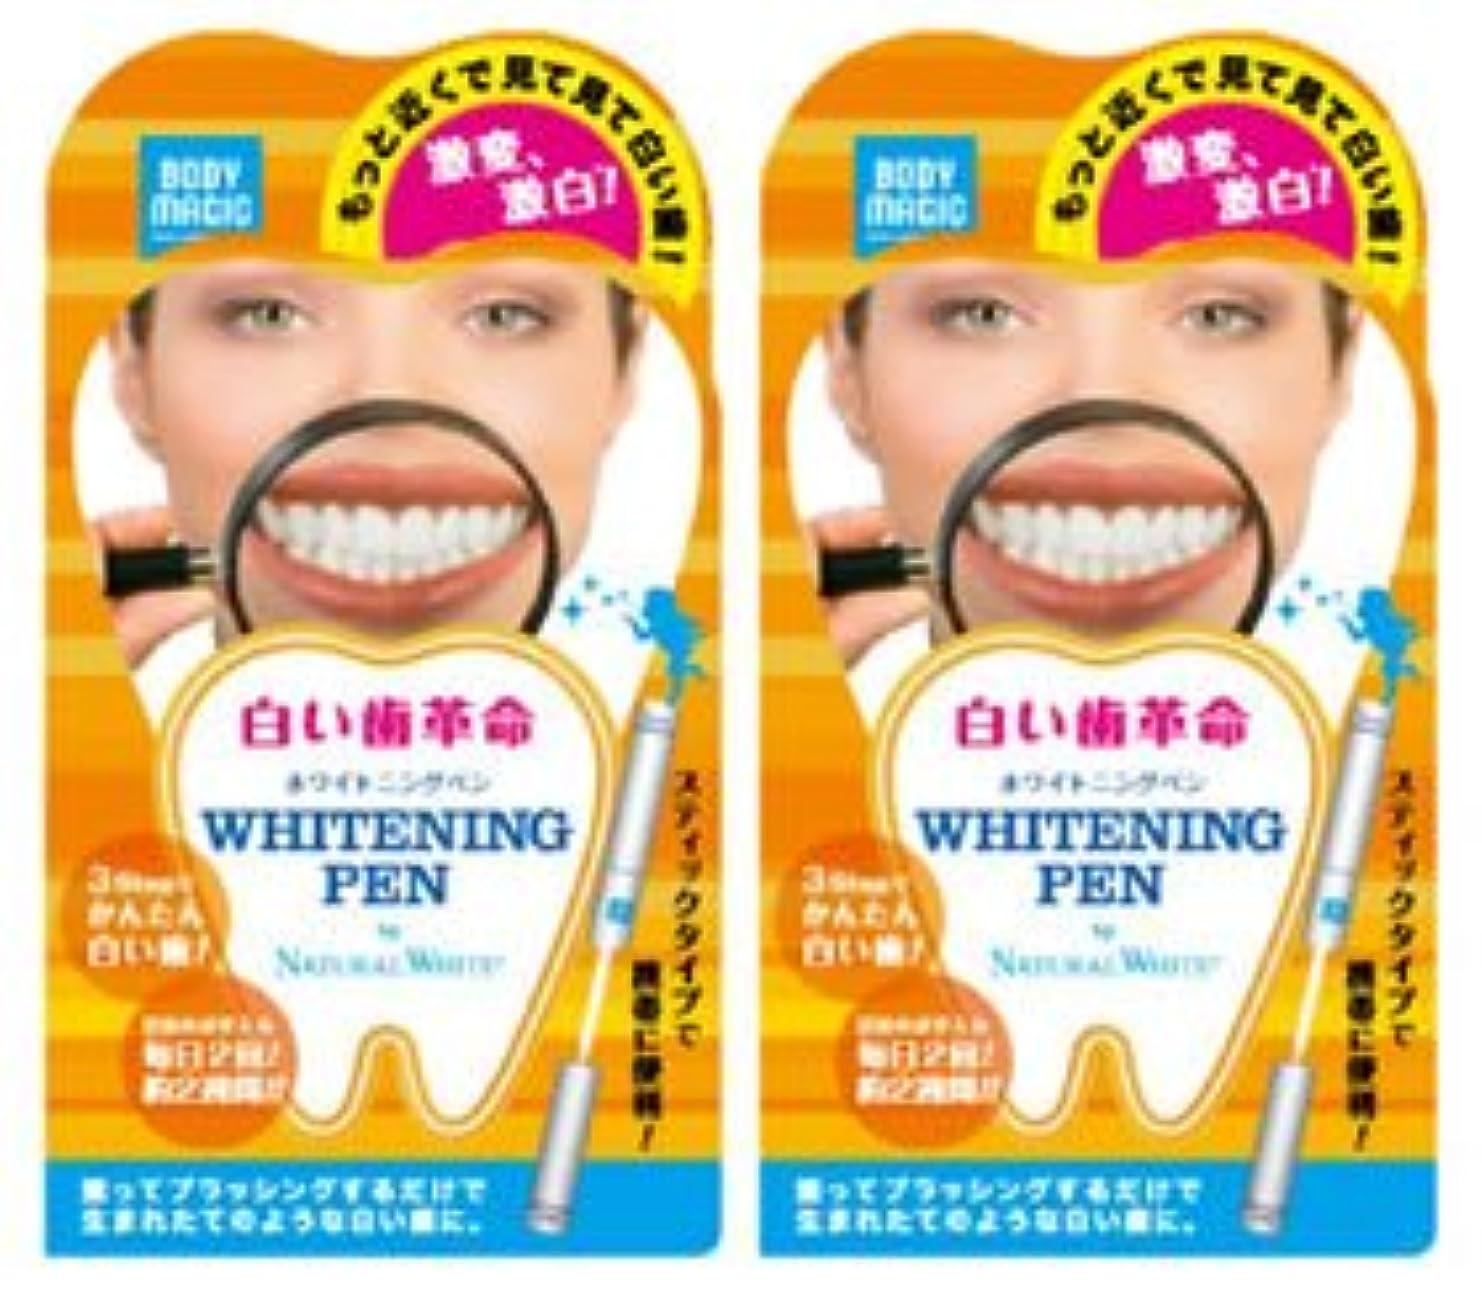 原子炉壊滅的なだらしない《セット販売》 ナチュラルホワイト ボディマジック ホワイトニングペン 2個セット 【白い歯革命】 ラピッドホワイトBスティック 【ジェルハミガキ】